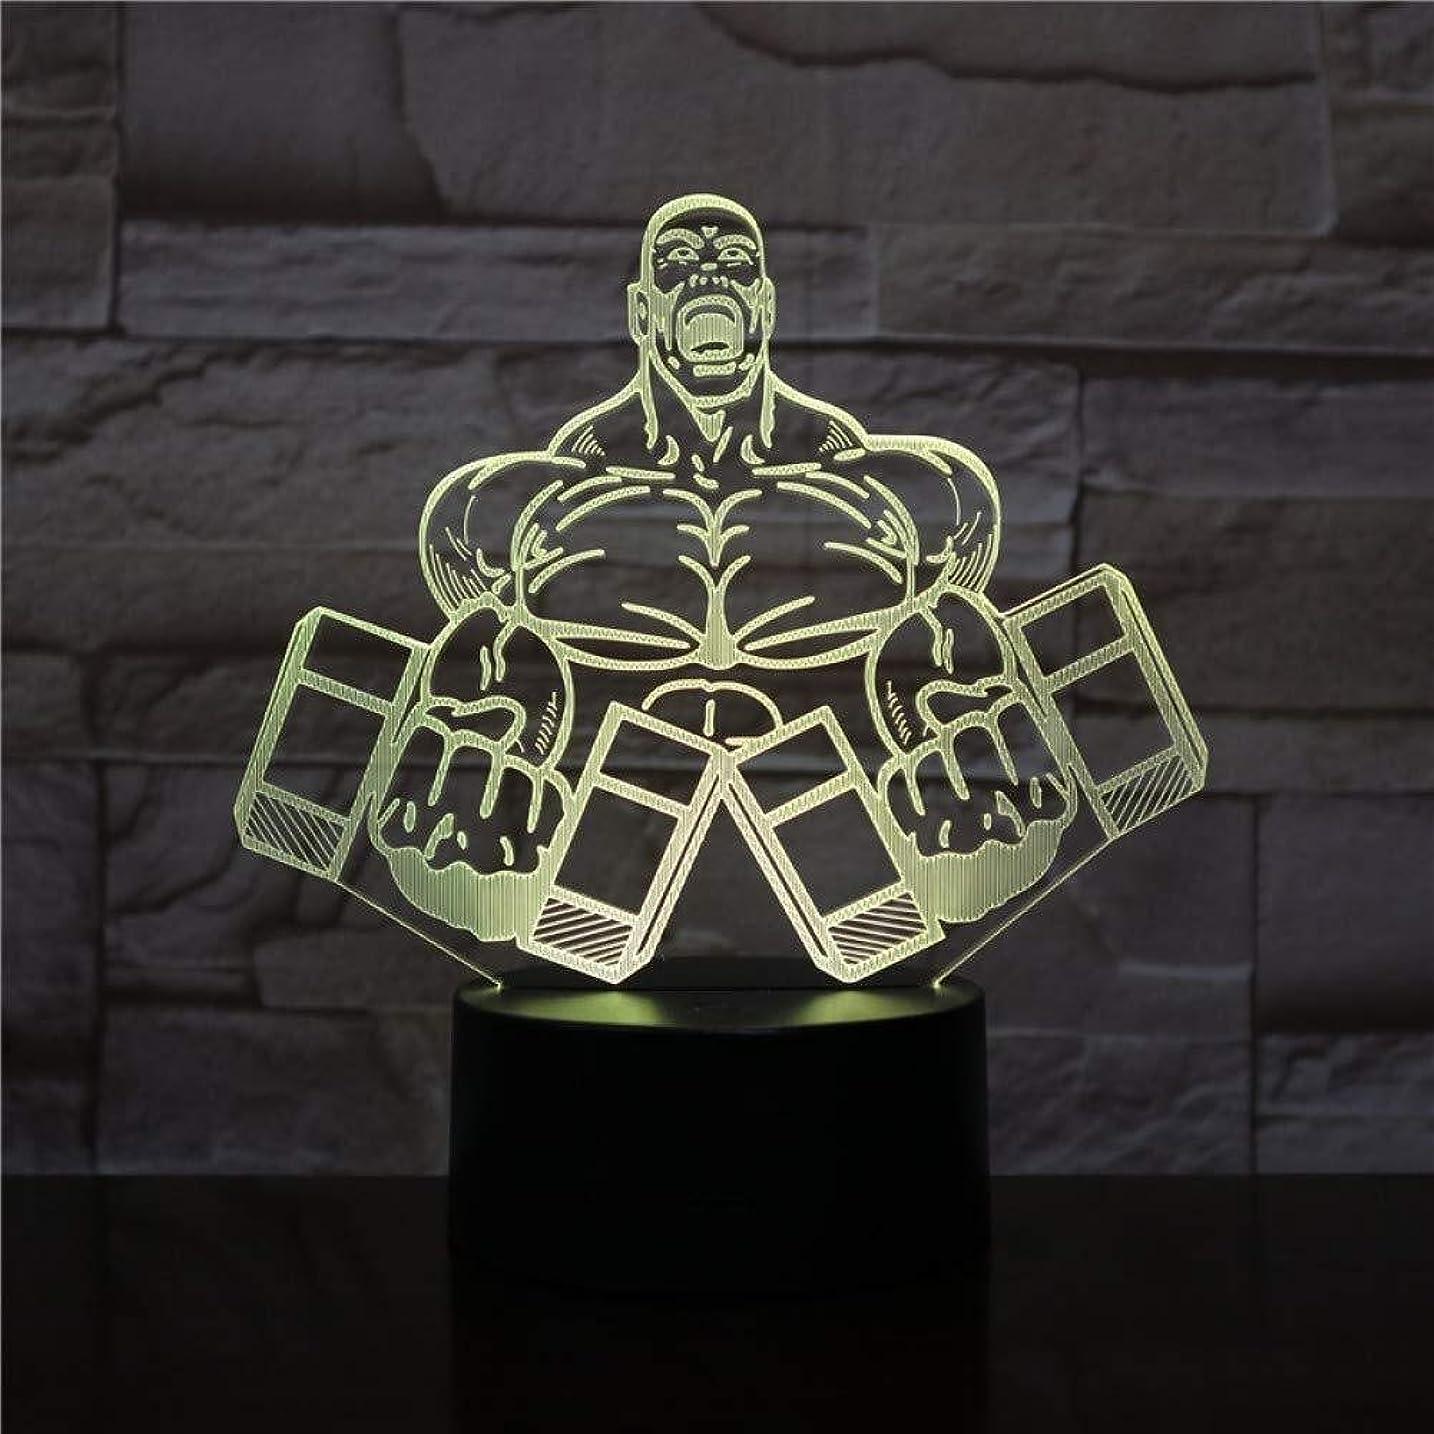 広げる暗くするうめき声3DイリュージョンダンベルフィットネスLEDランプタッチセンサーカラフルなベッドルームベッドサイド装飾デスクランプキッズフェスティバル誕生日プレゼントギフトUSB充電